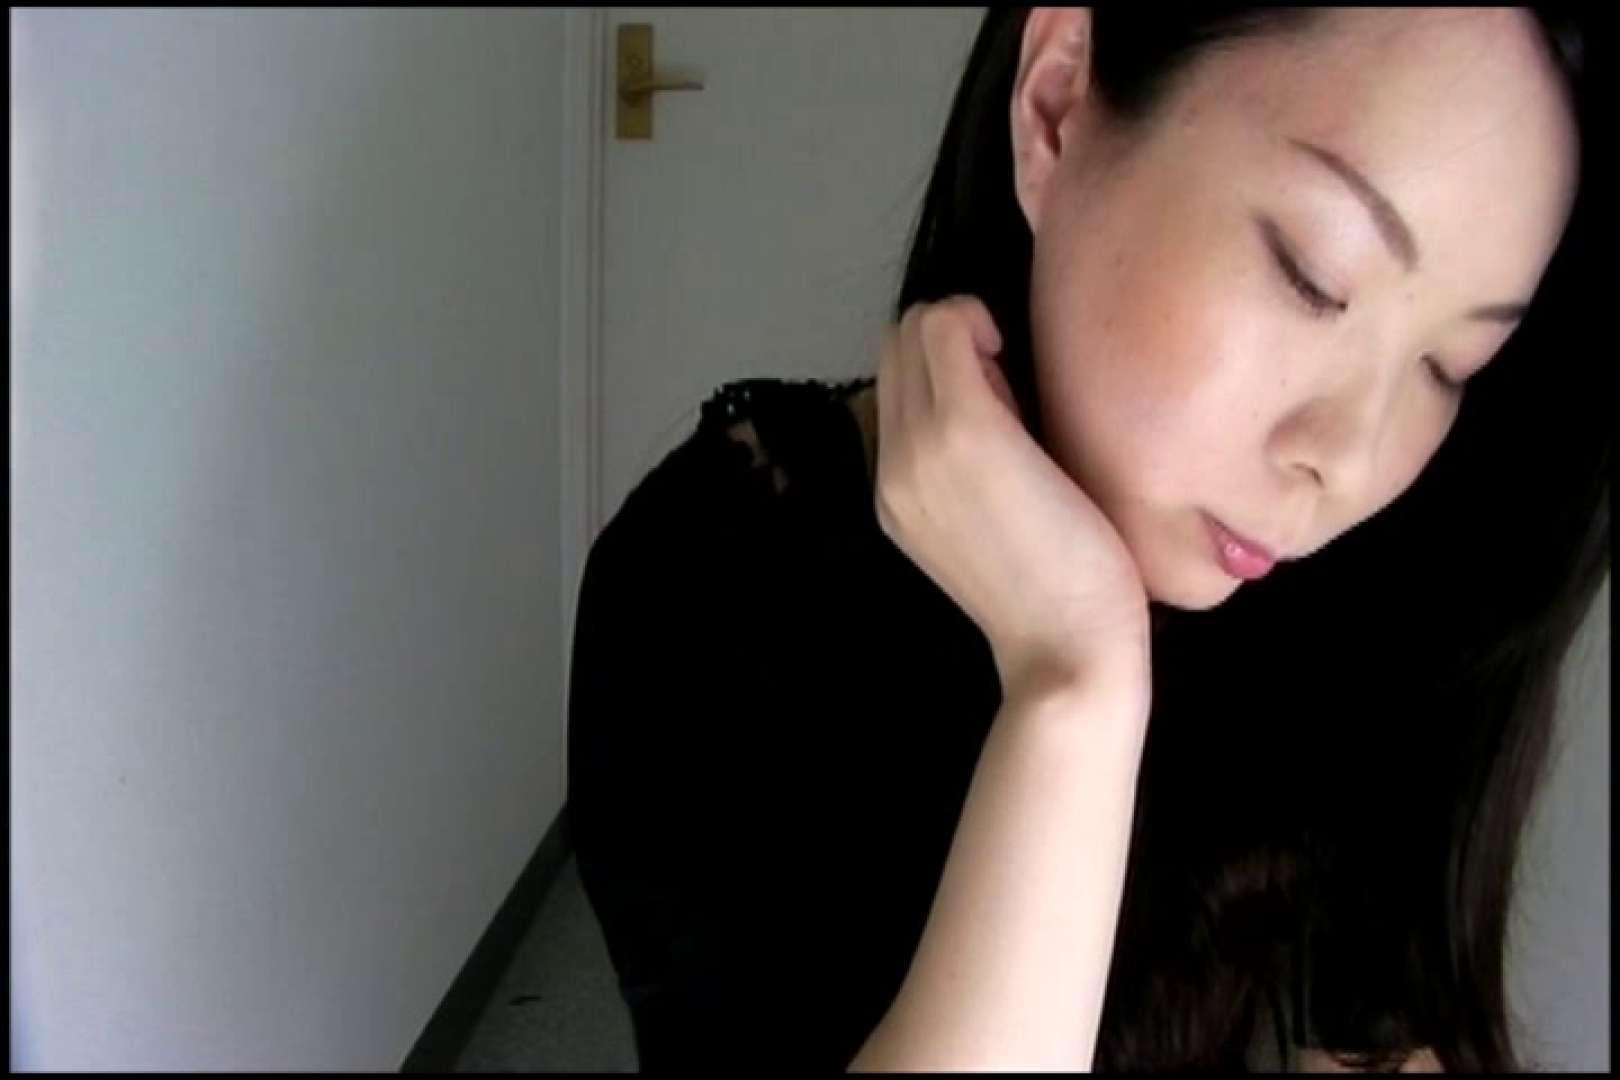 和式にまたがる女たちを待ちうけるカメラの衝撃映像vol.02 綺麗なOLたち われめAV動画紹介 96枚 92